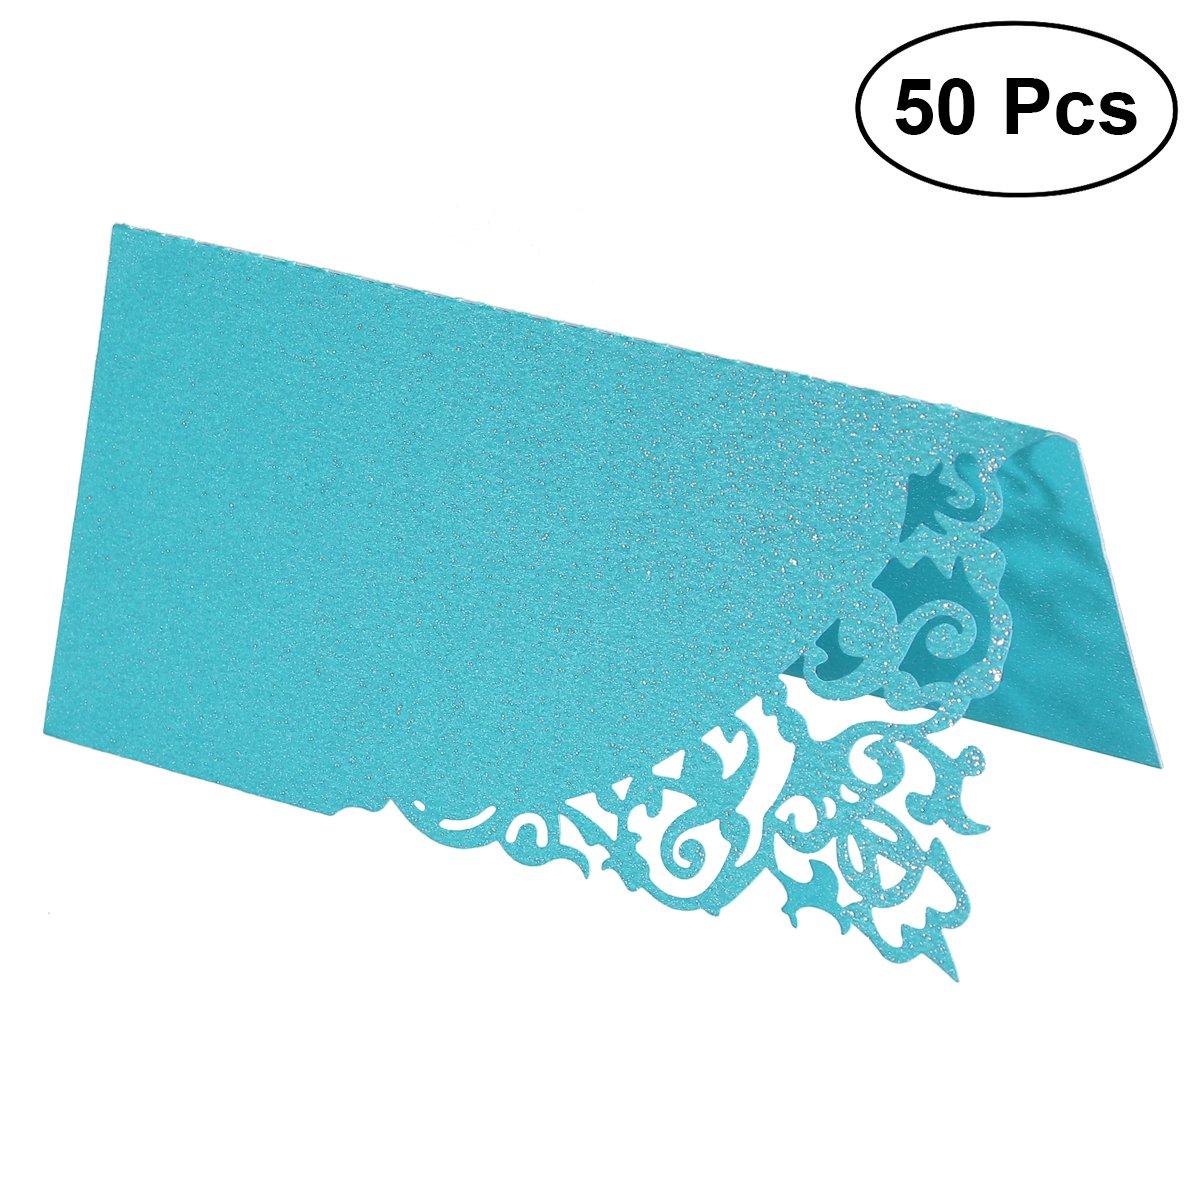 Toyvian Asiento Tarjeta en Forma de Flores Hueca para Decoración de Boda y Fiesta 50Pcs (Azul)